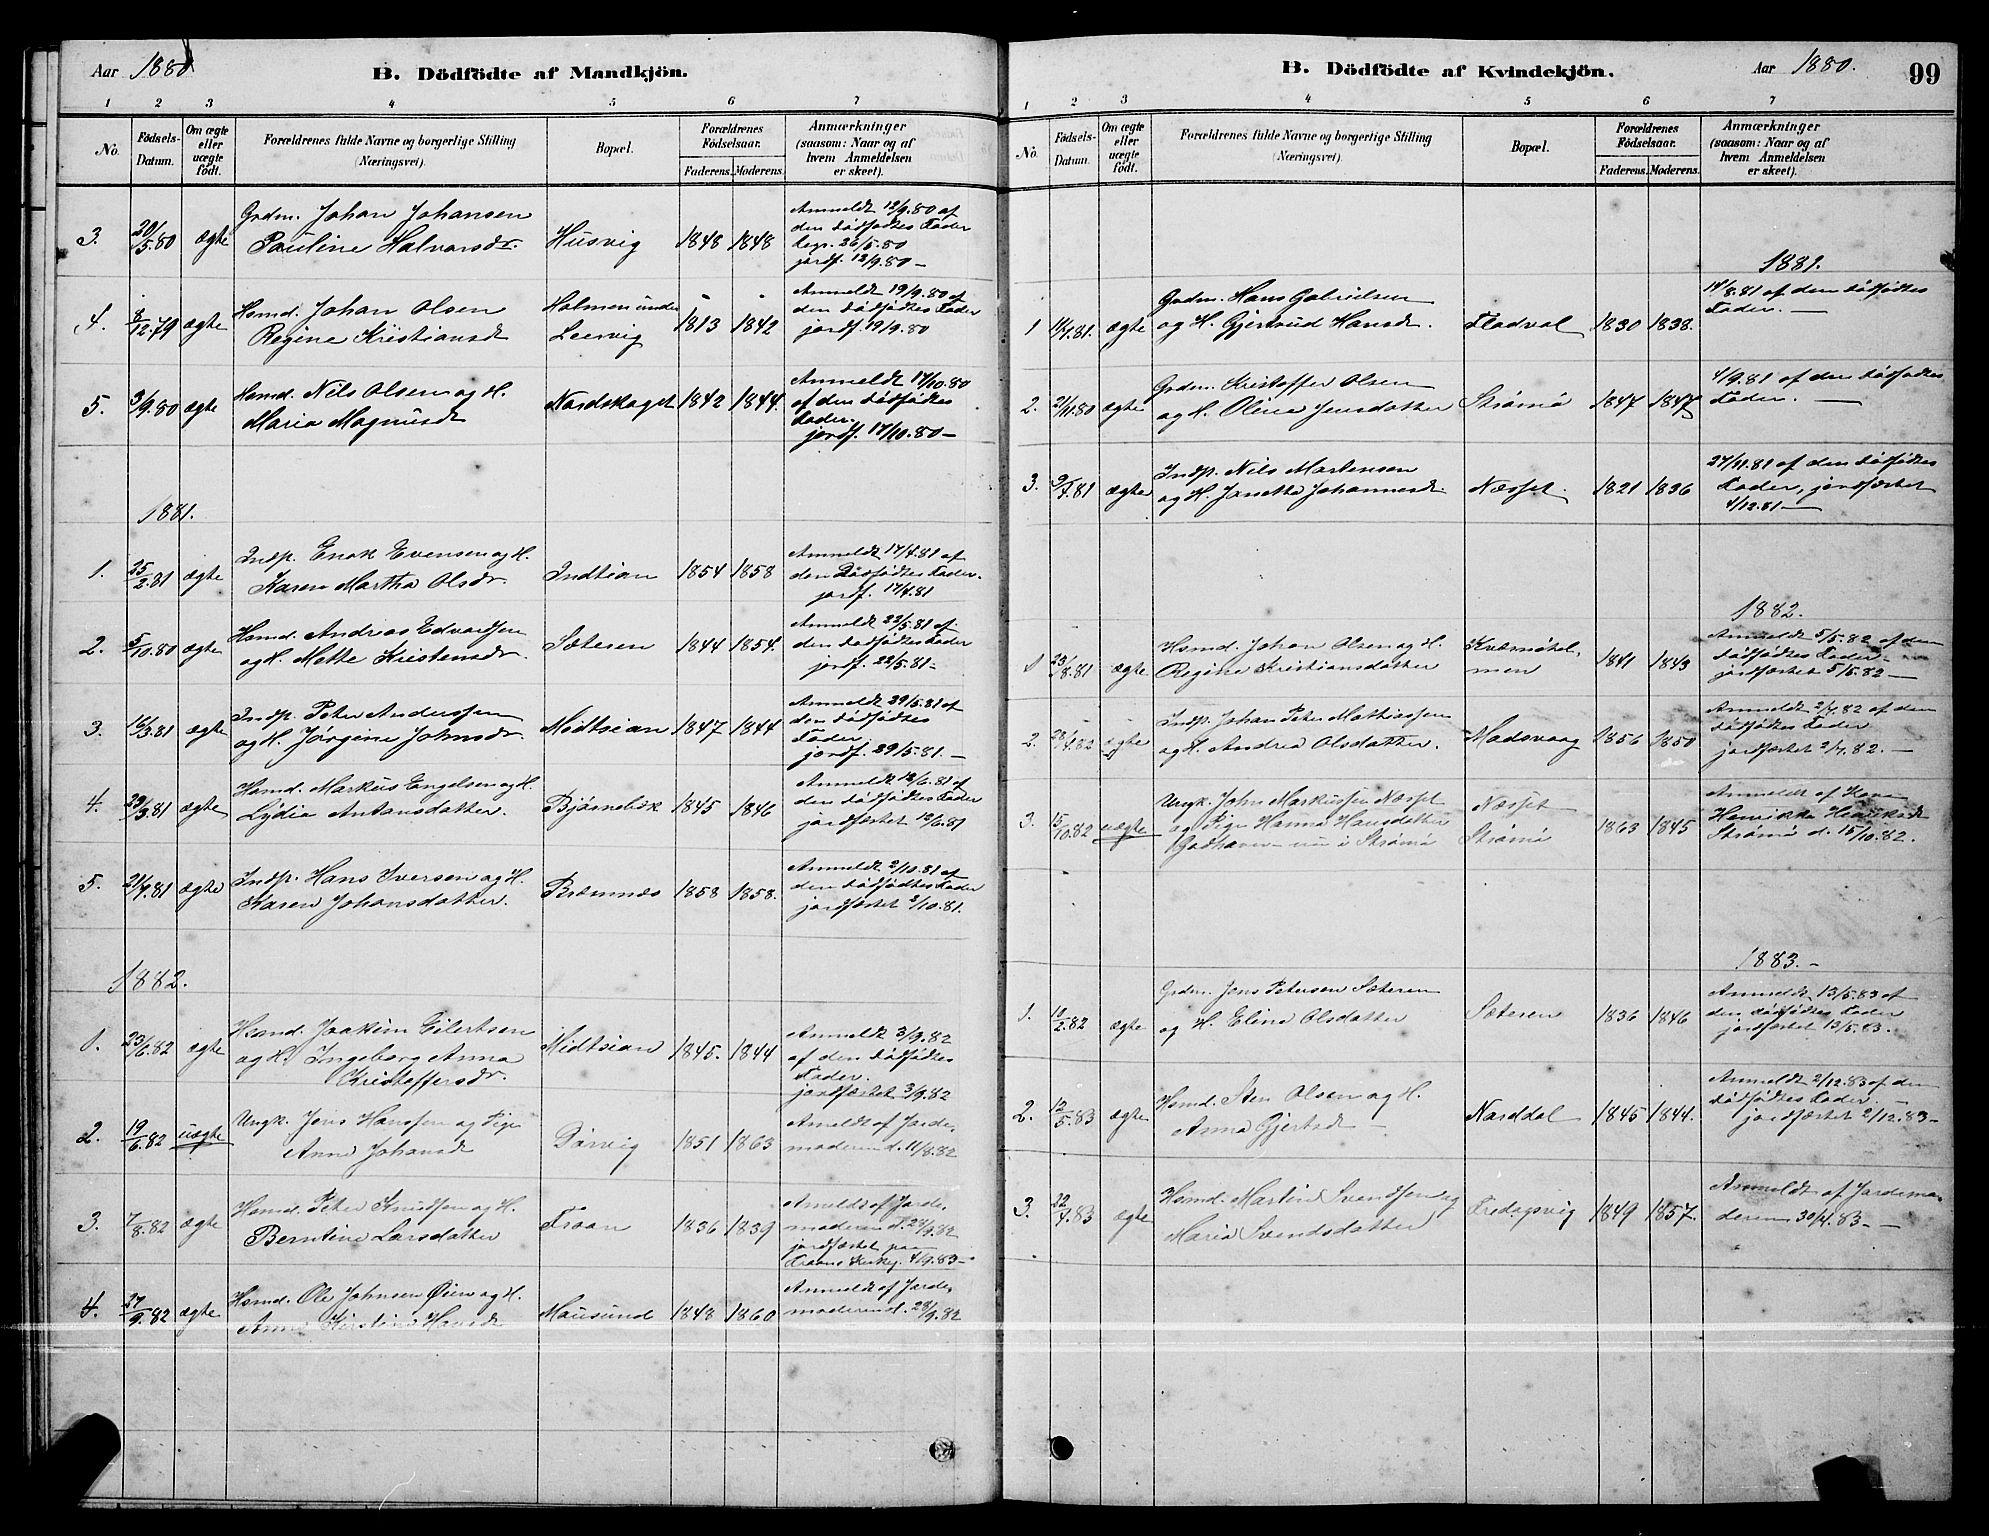 SAT, Ministerialprotokoller, klokkerbøker og fødselsregistre - Sør-Trøndelag, 640/L0585: Klokkerbok nr. 640C03, 1878-1891, s. 99